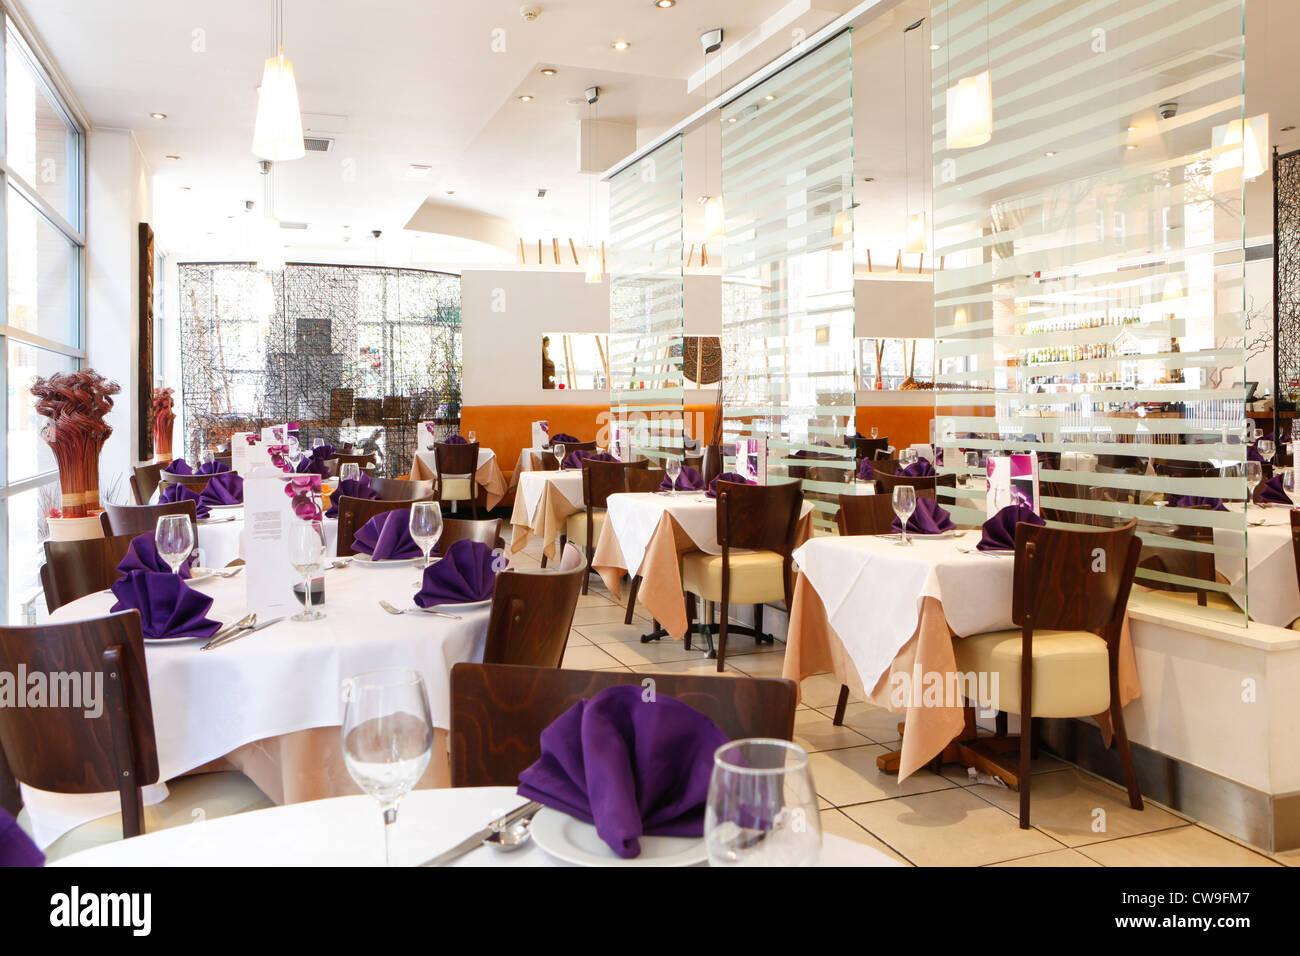 Thai Edge restaurant, Brindleyplace, Birmingham, West Midlands, England, UK - Stock Image